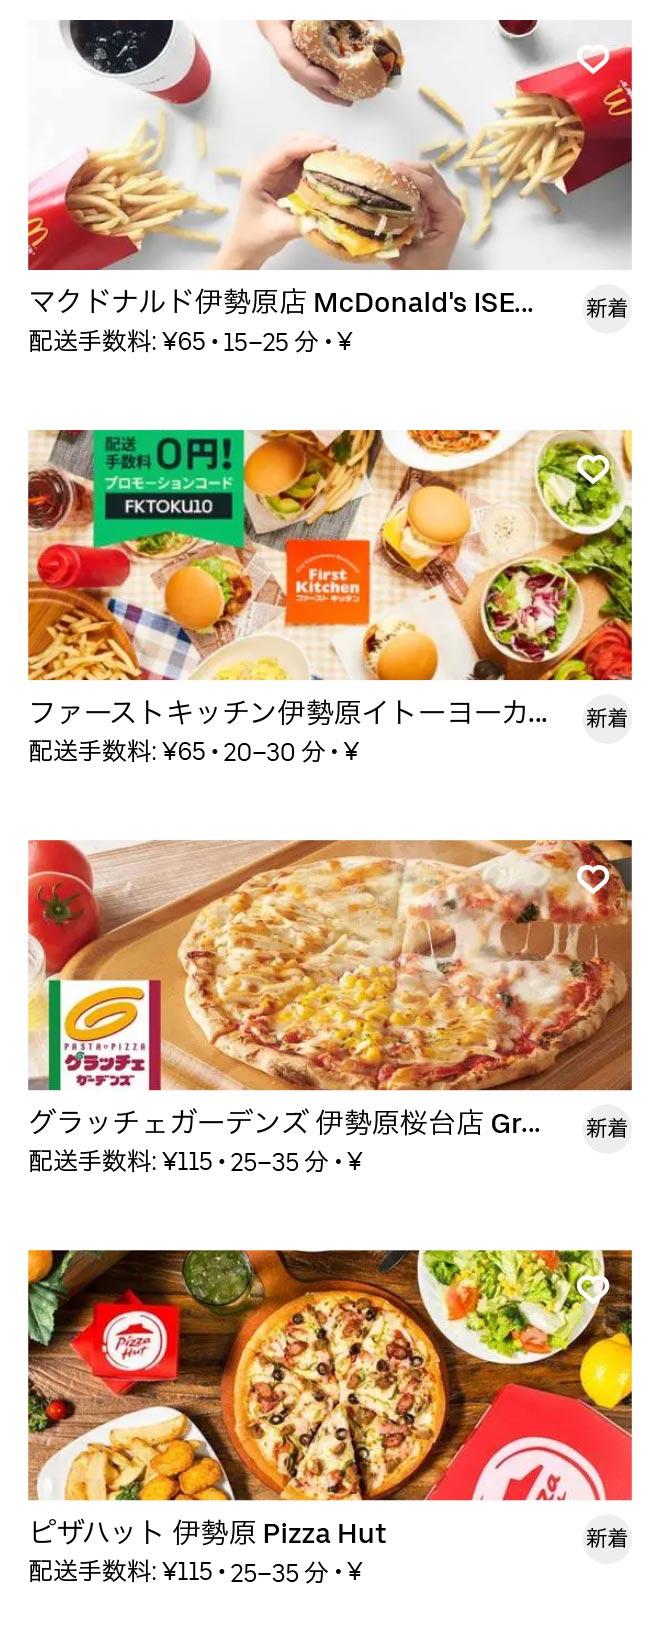 Esehara menu 2010 01